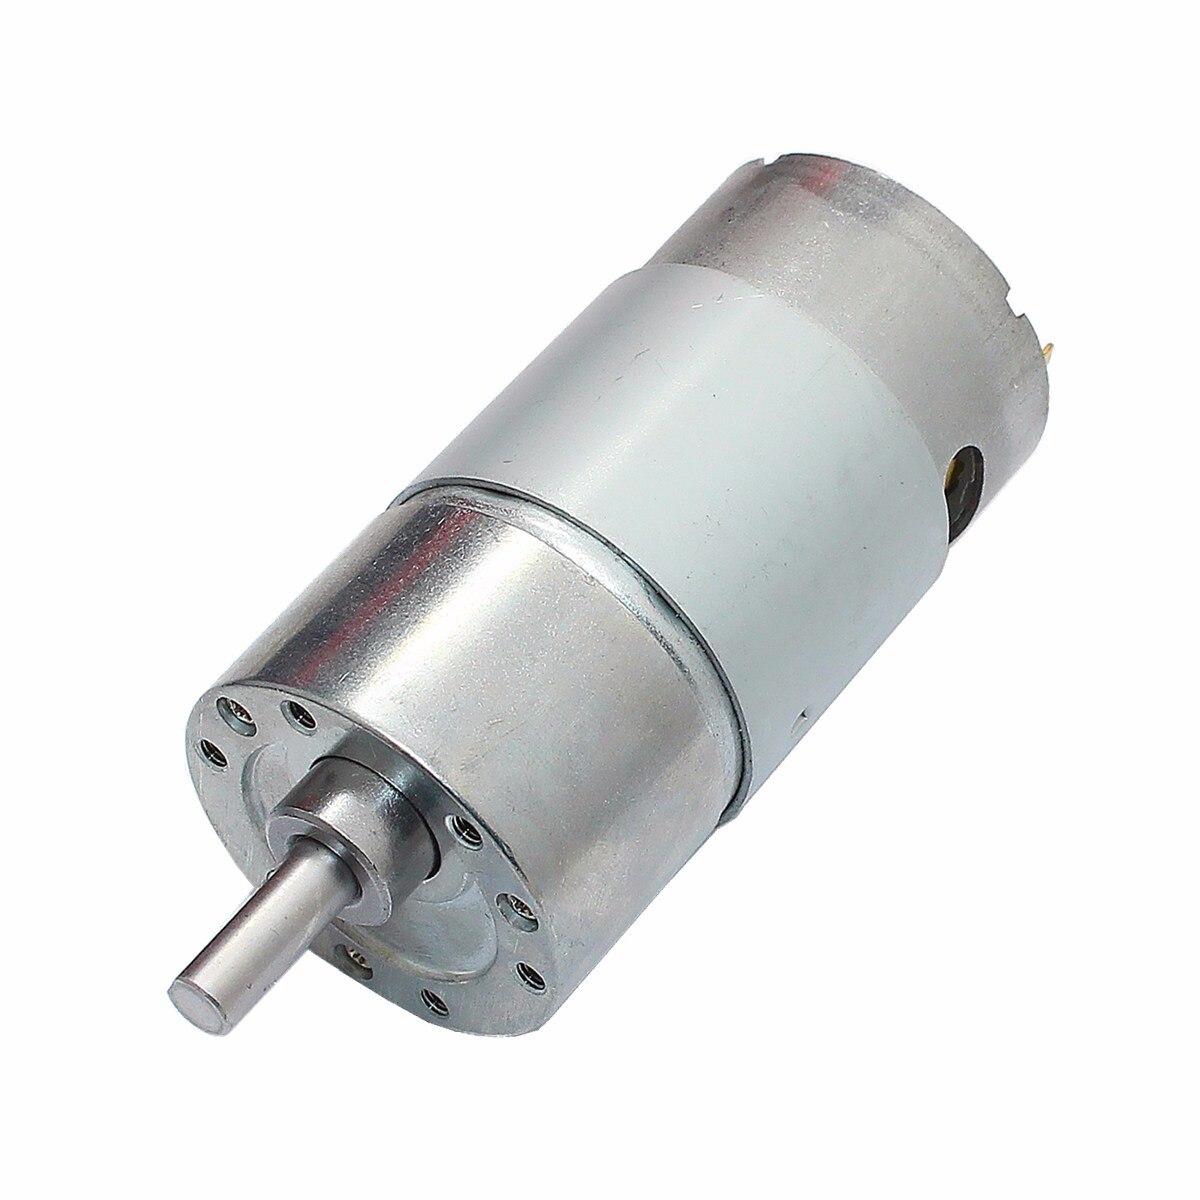 DC 12V 180RPM Ausgerichtet Motor Hohe Drehmoment Getriebe Motor DC Motor